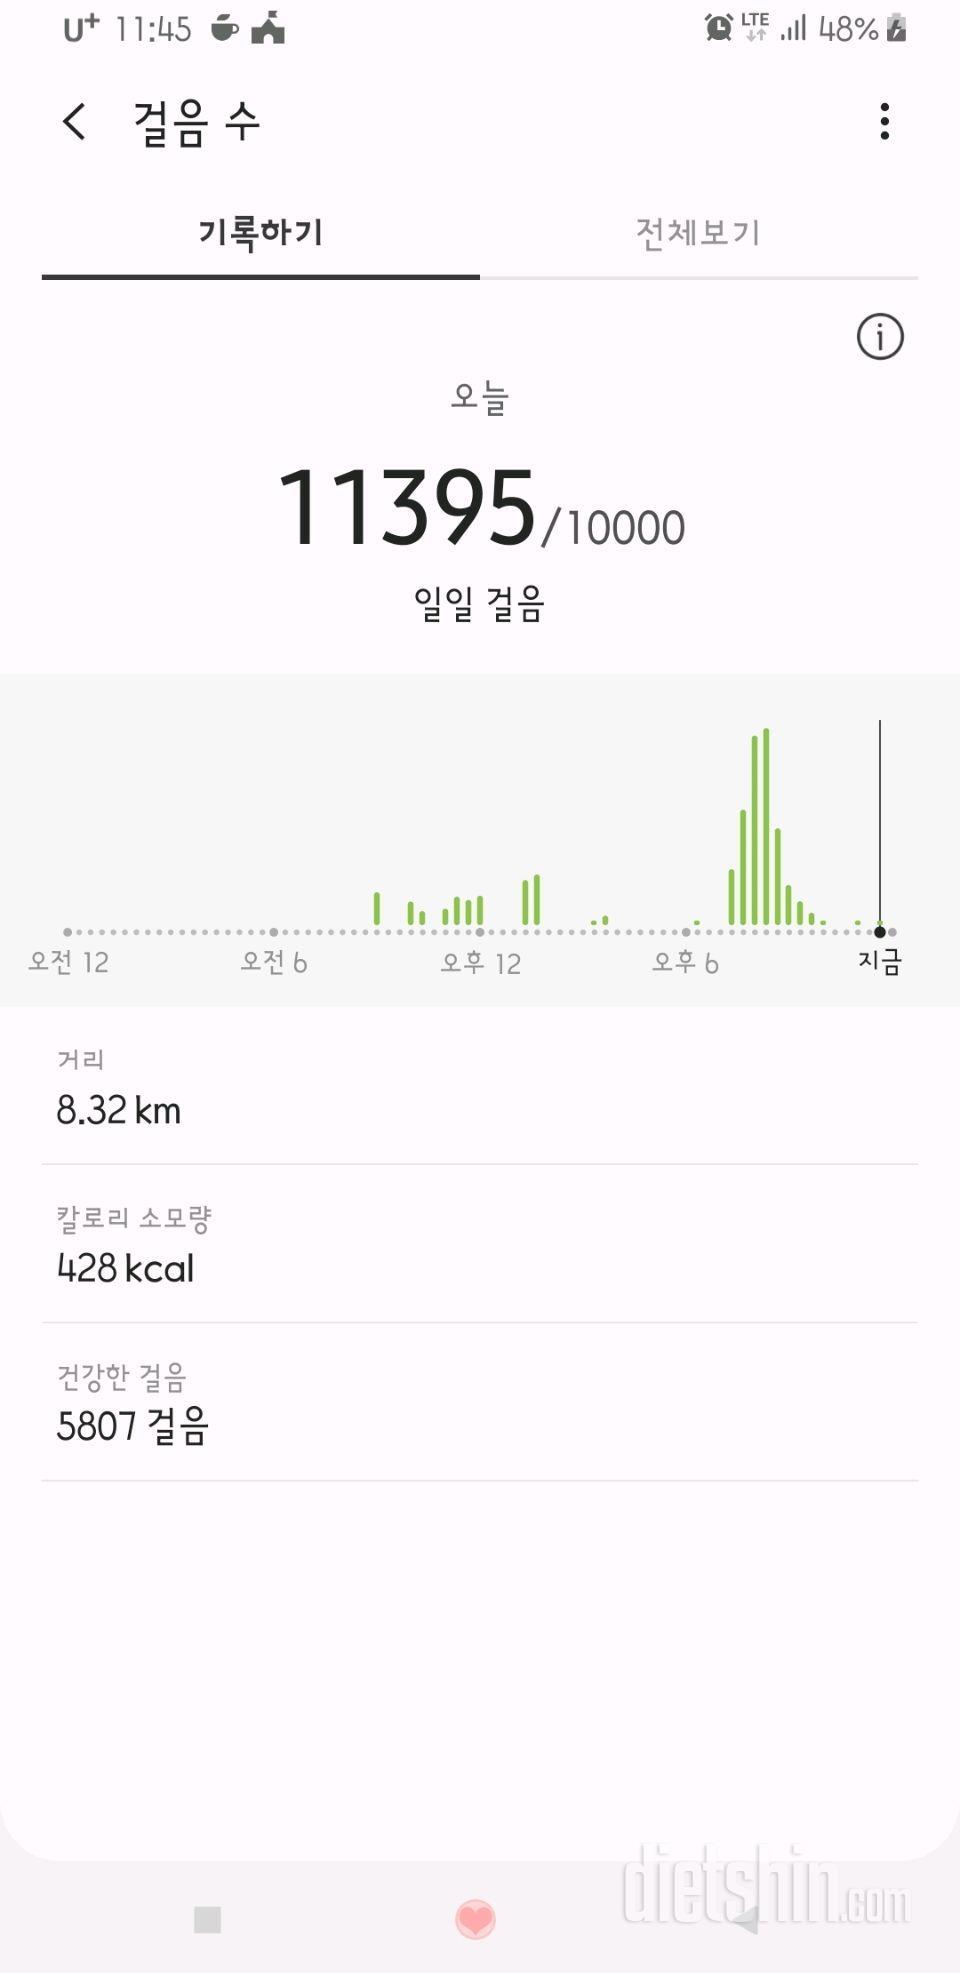 30일 만보 걷기 1일차 성공!